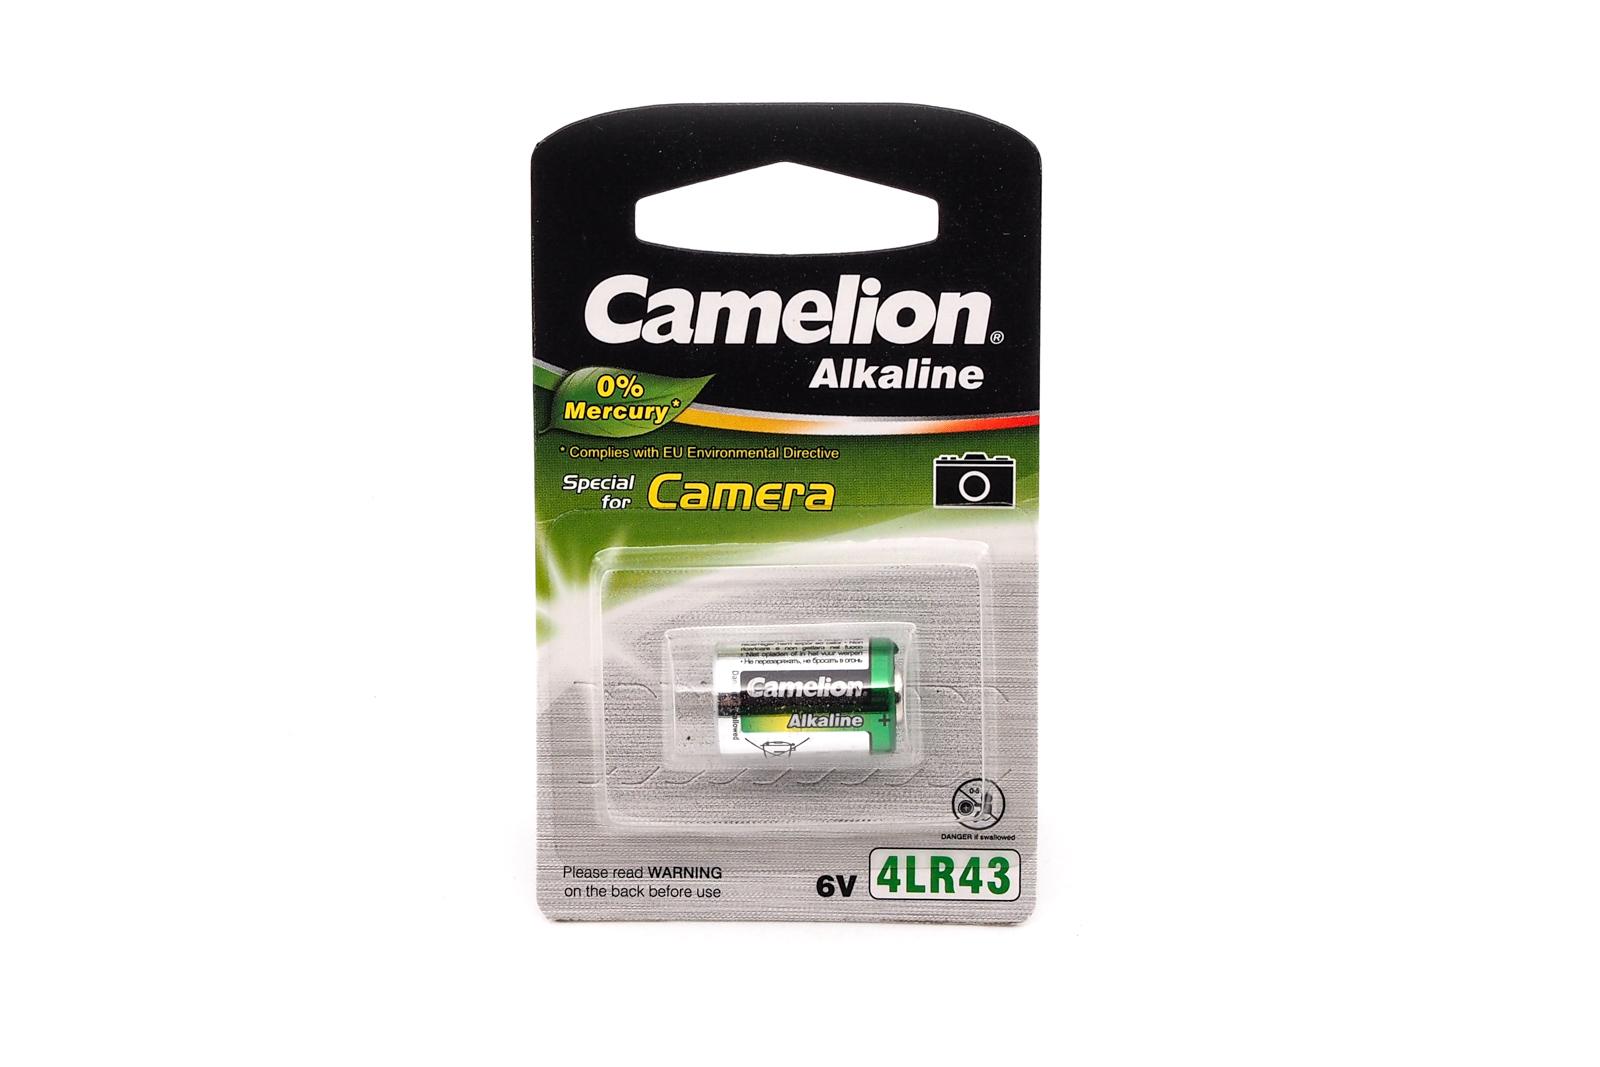 Camelion 4lr43 px27